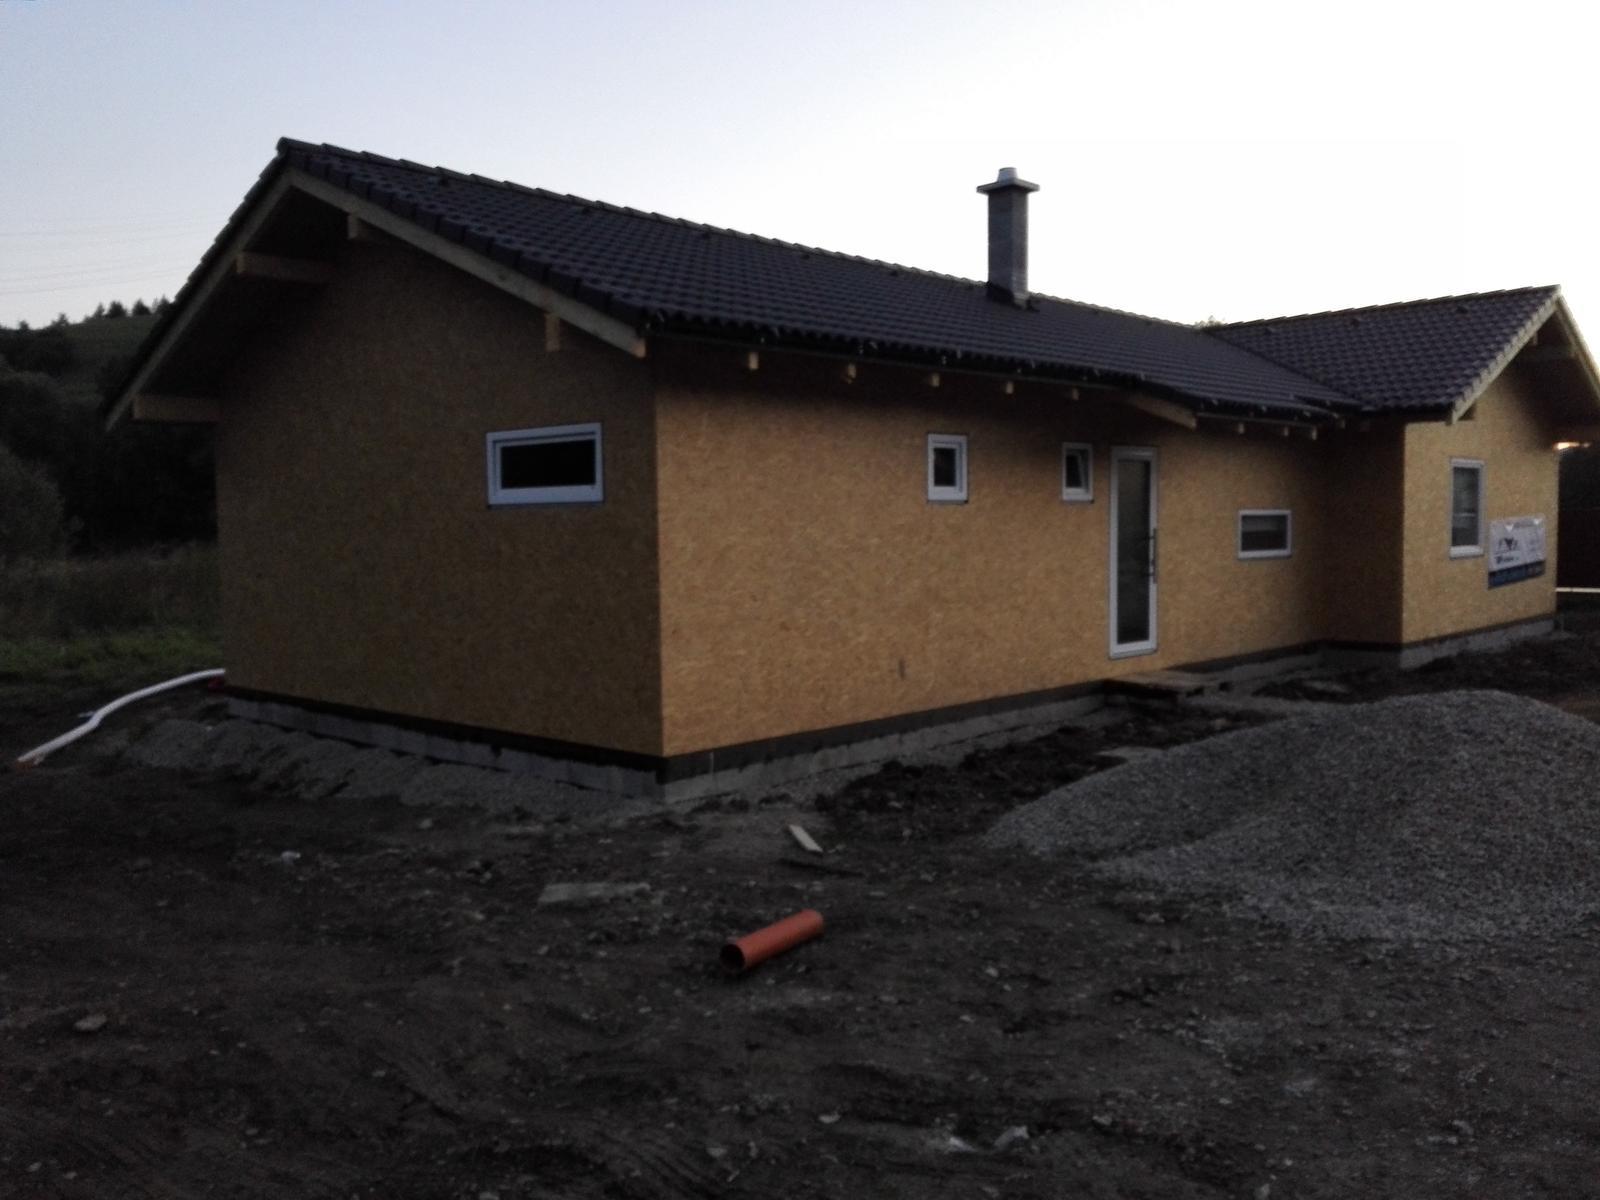 Keď si zmyslíme stavať dom - Aj my makáme vonku